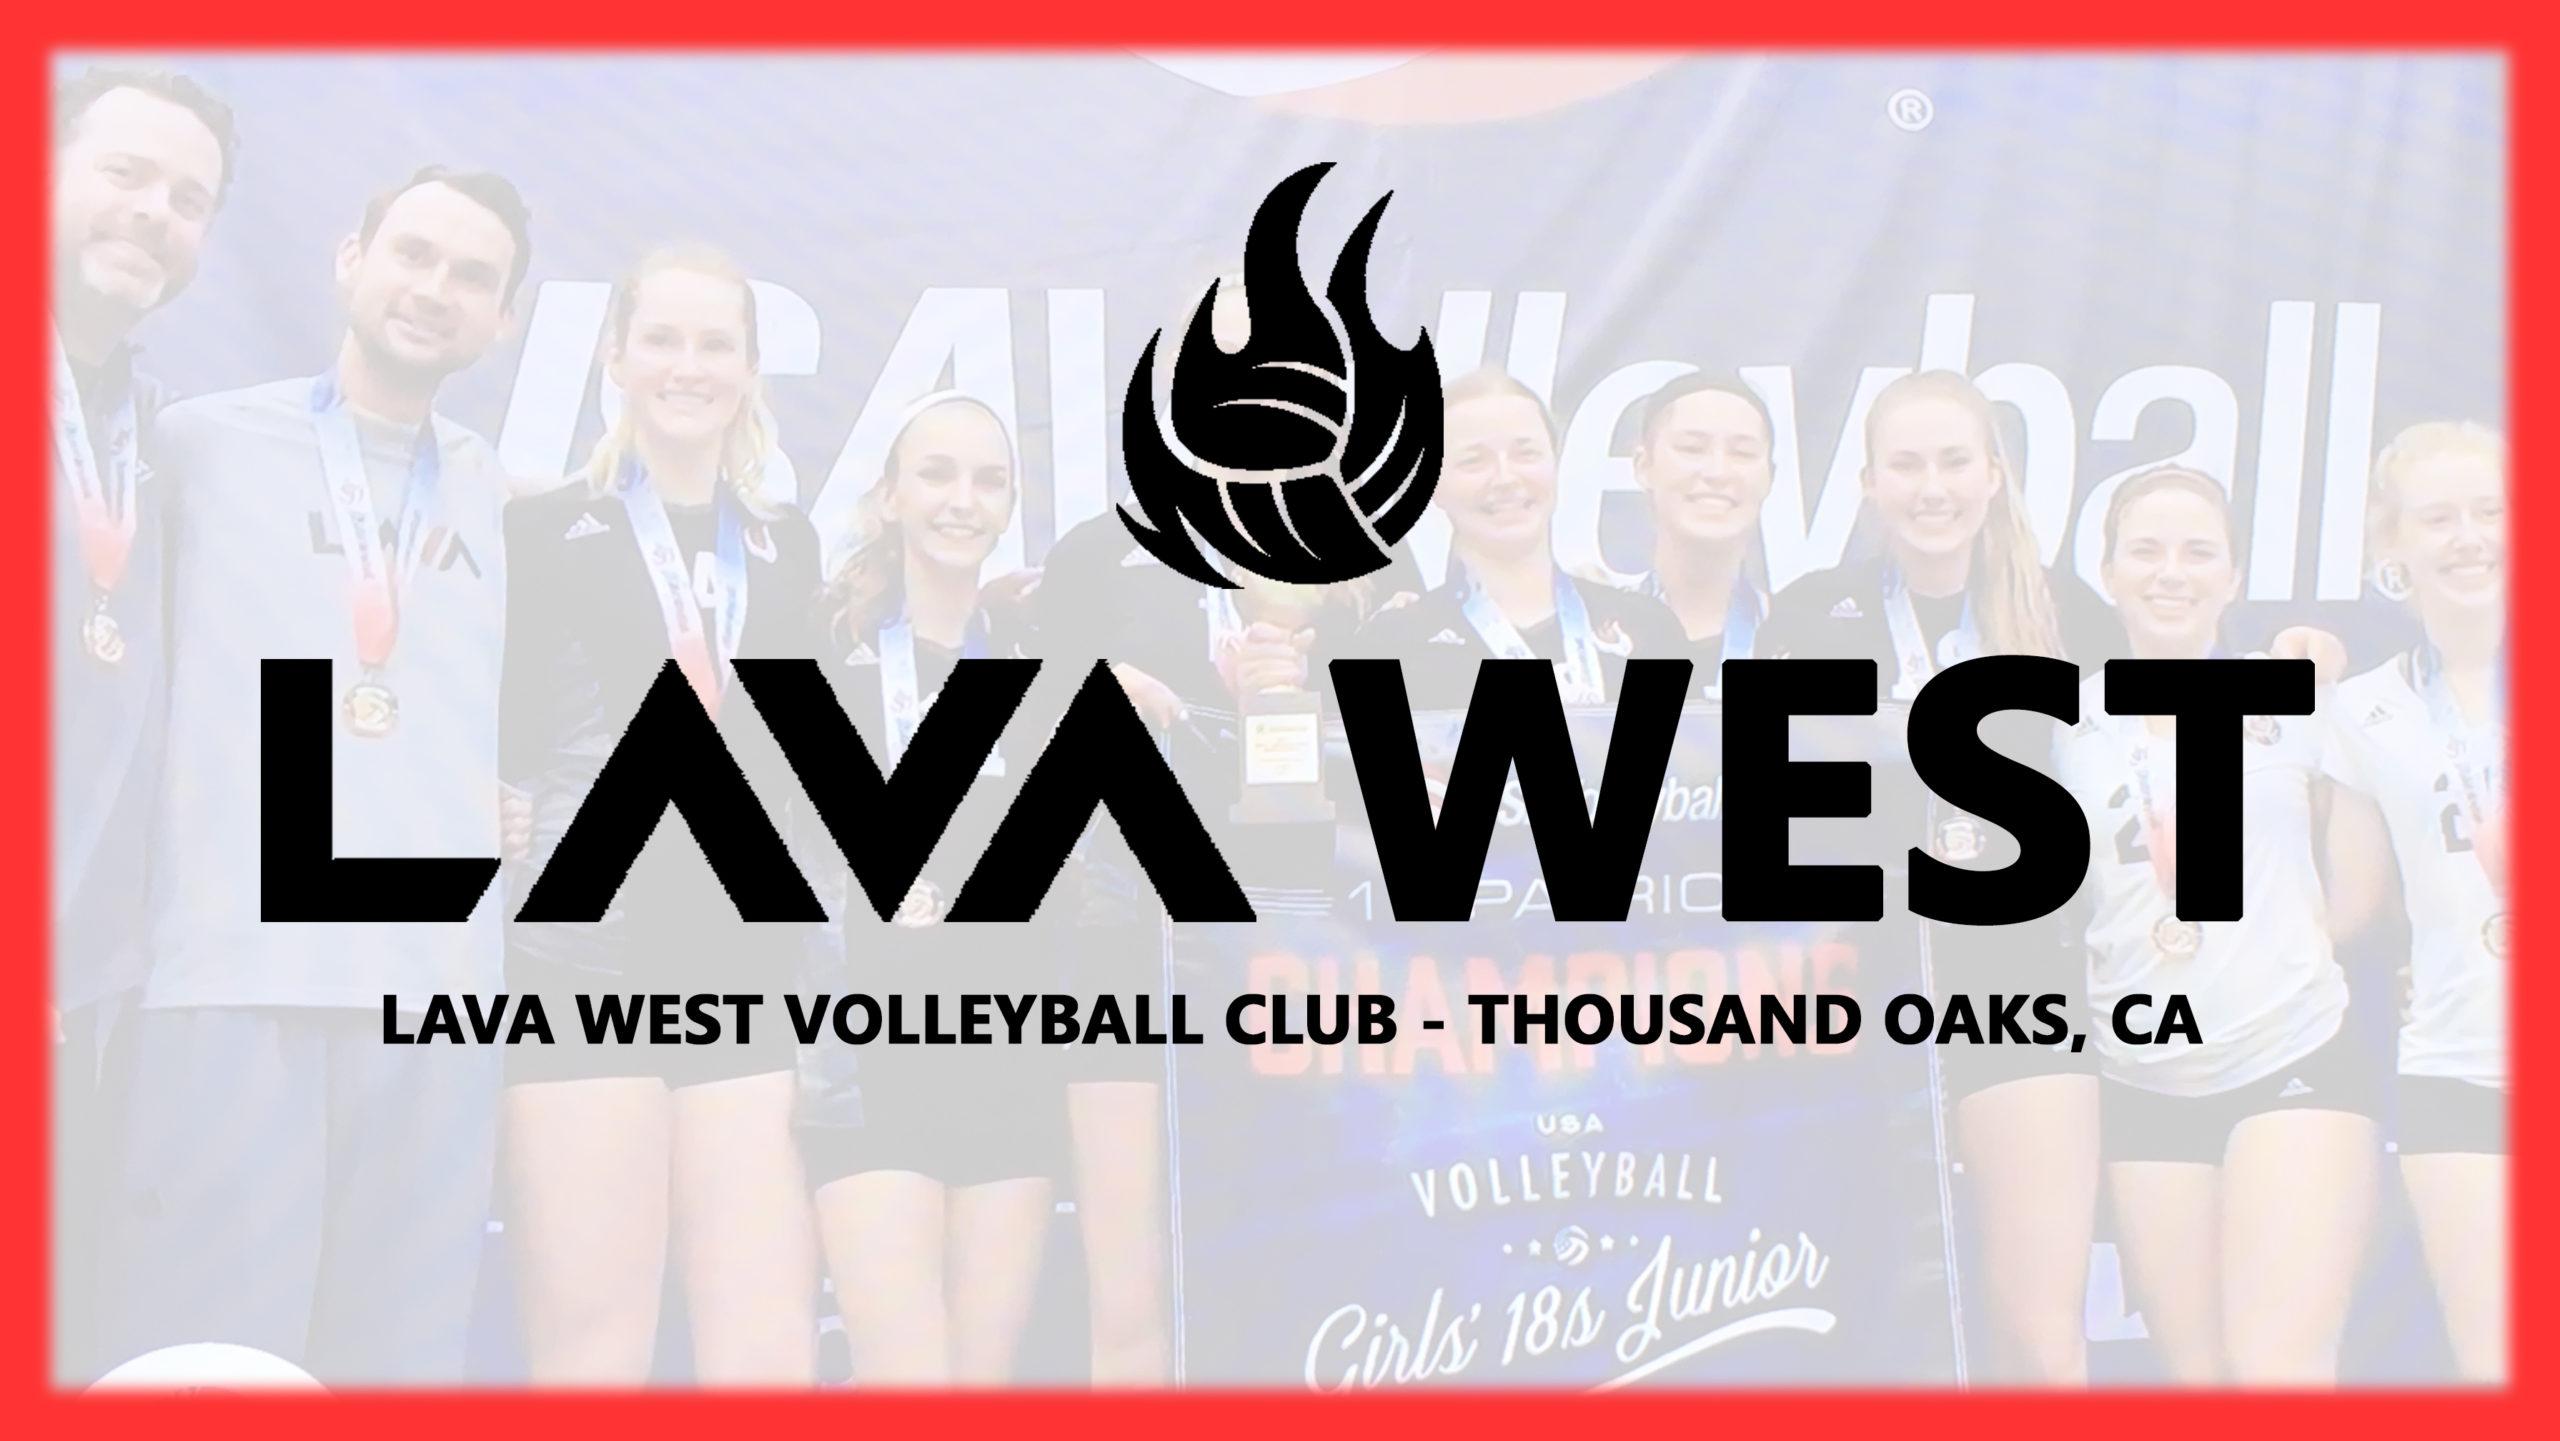 Website - Media Slider - Final Size - Lava West Main Title